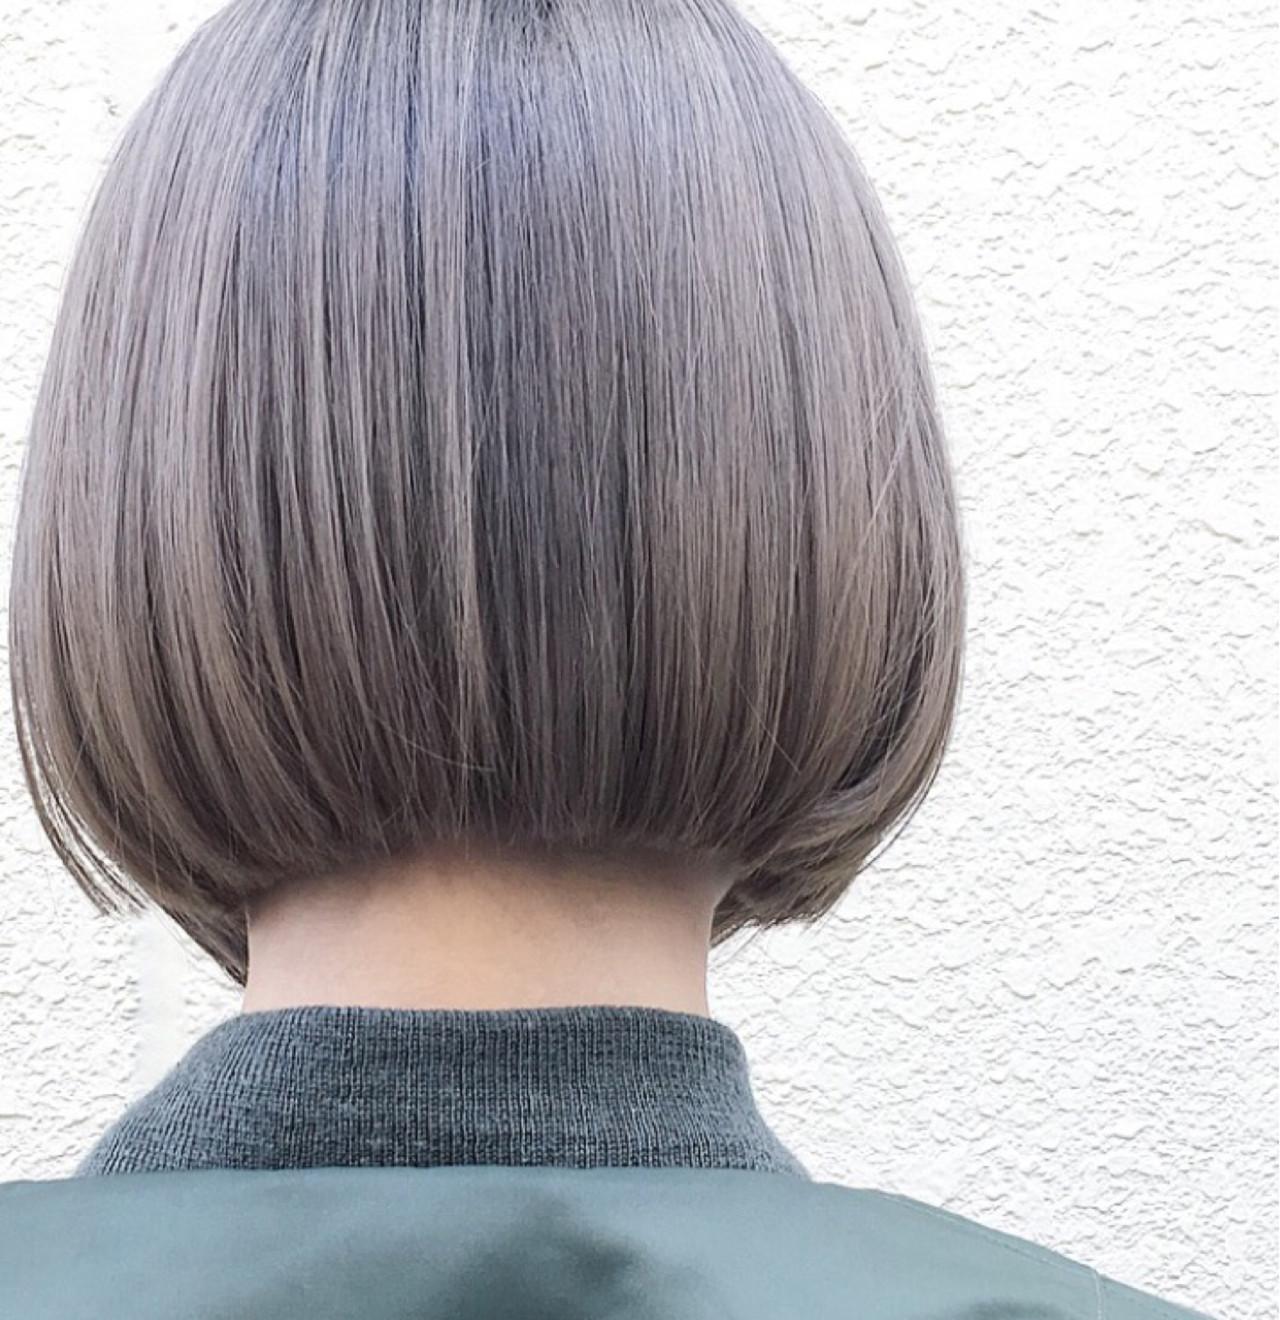 ダブルカラー アッシュ ワンレングス ボブ ヘアスタイルや髪型の写真・画像